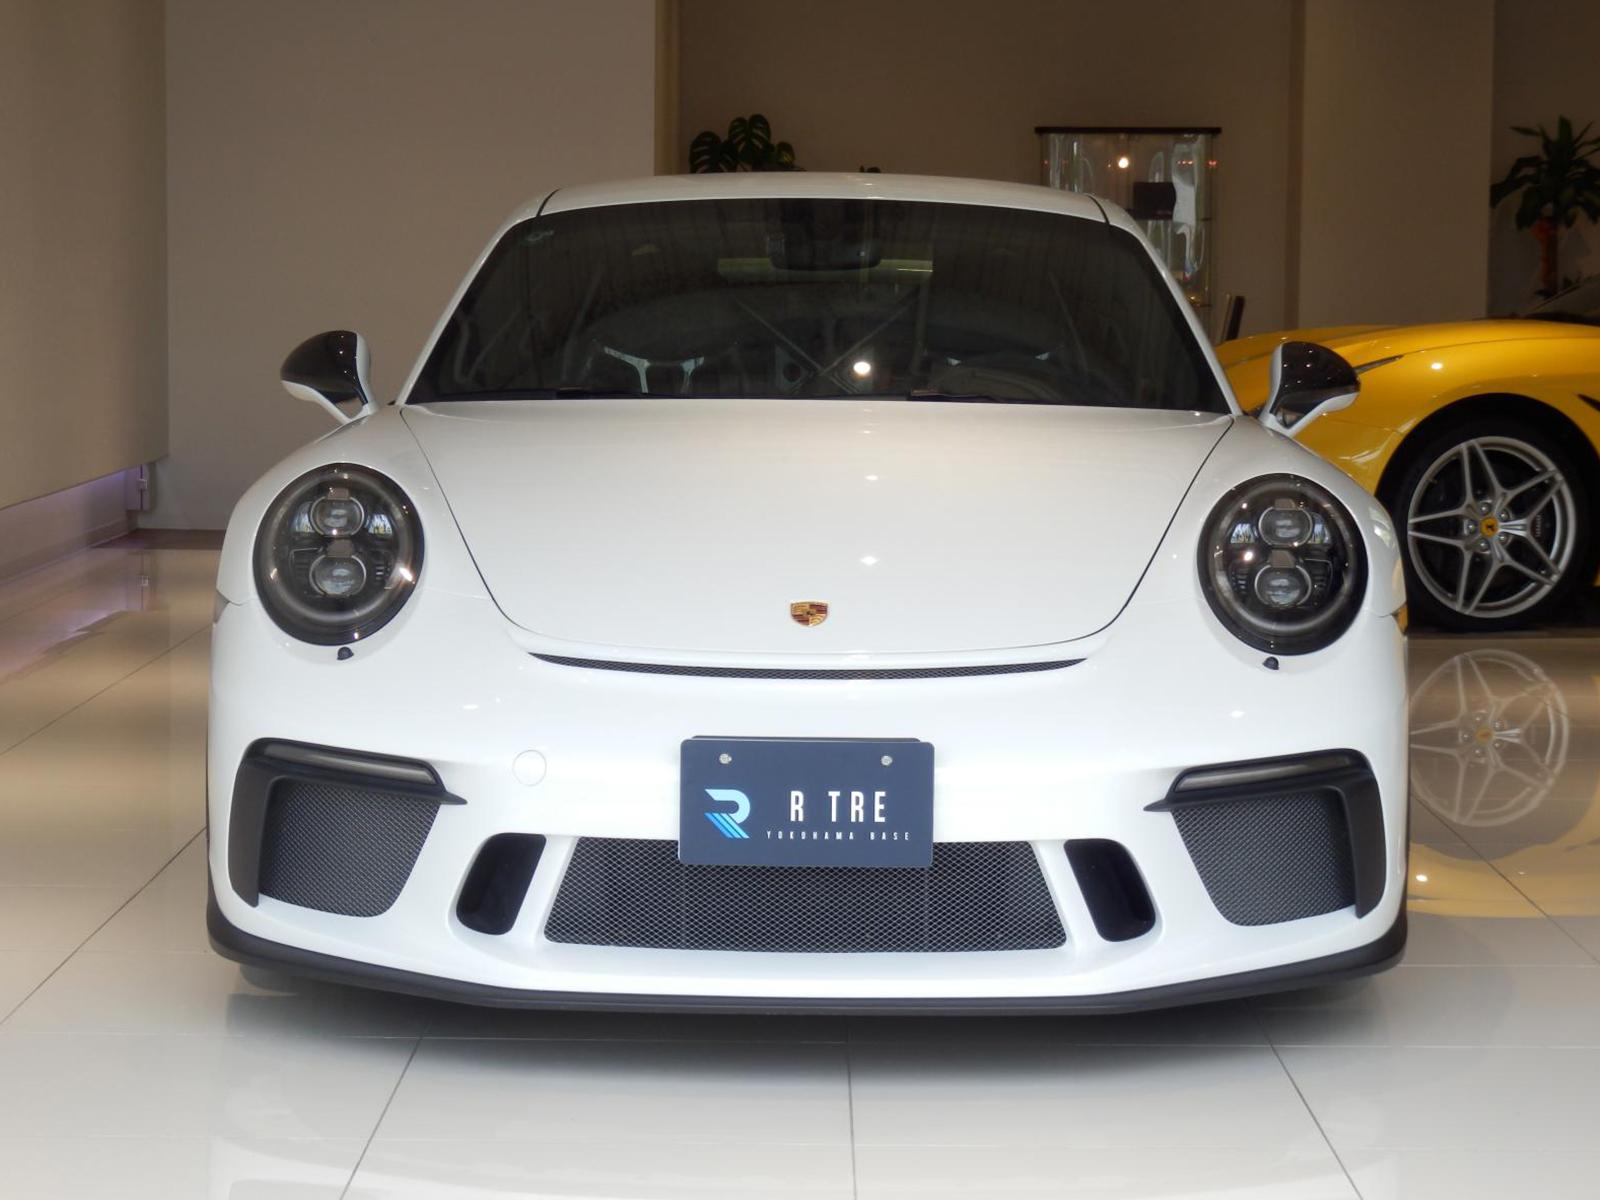 ポルシェ 911 GT3 タイプ991-Ⅱ フロント